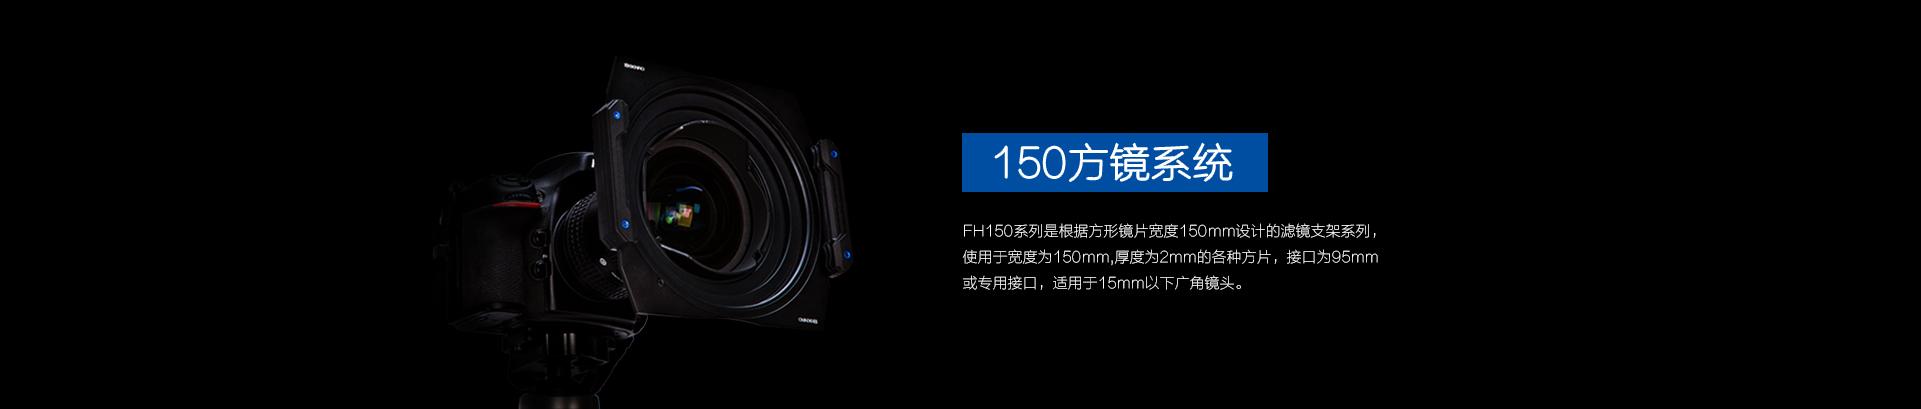 150方镜系统